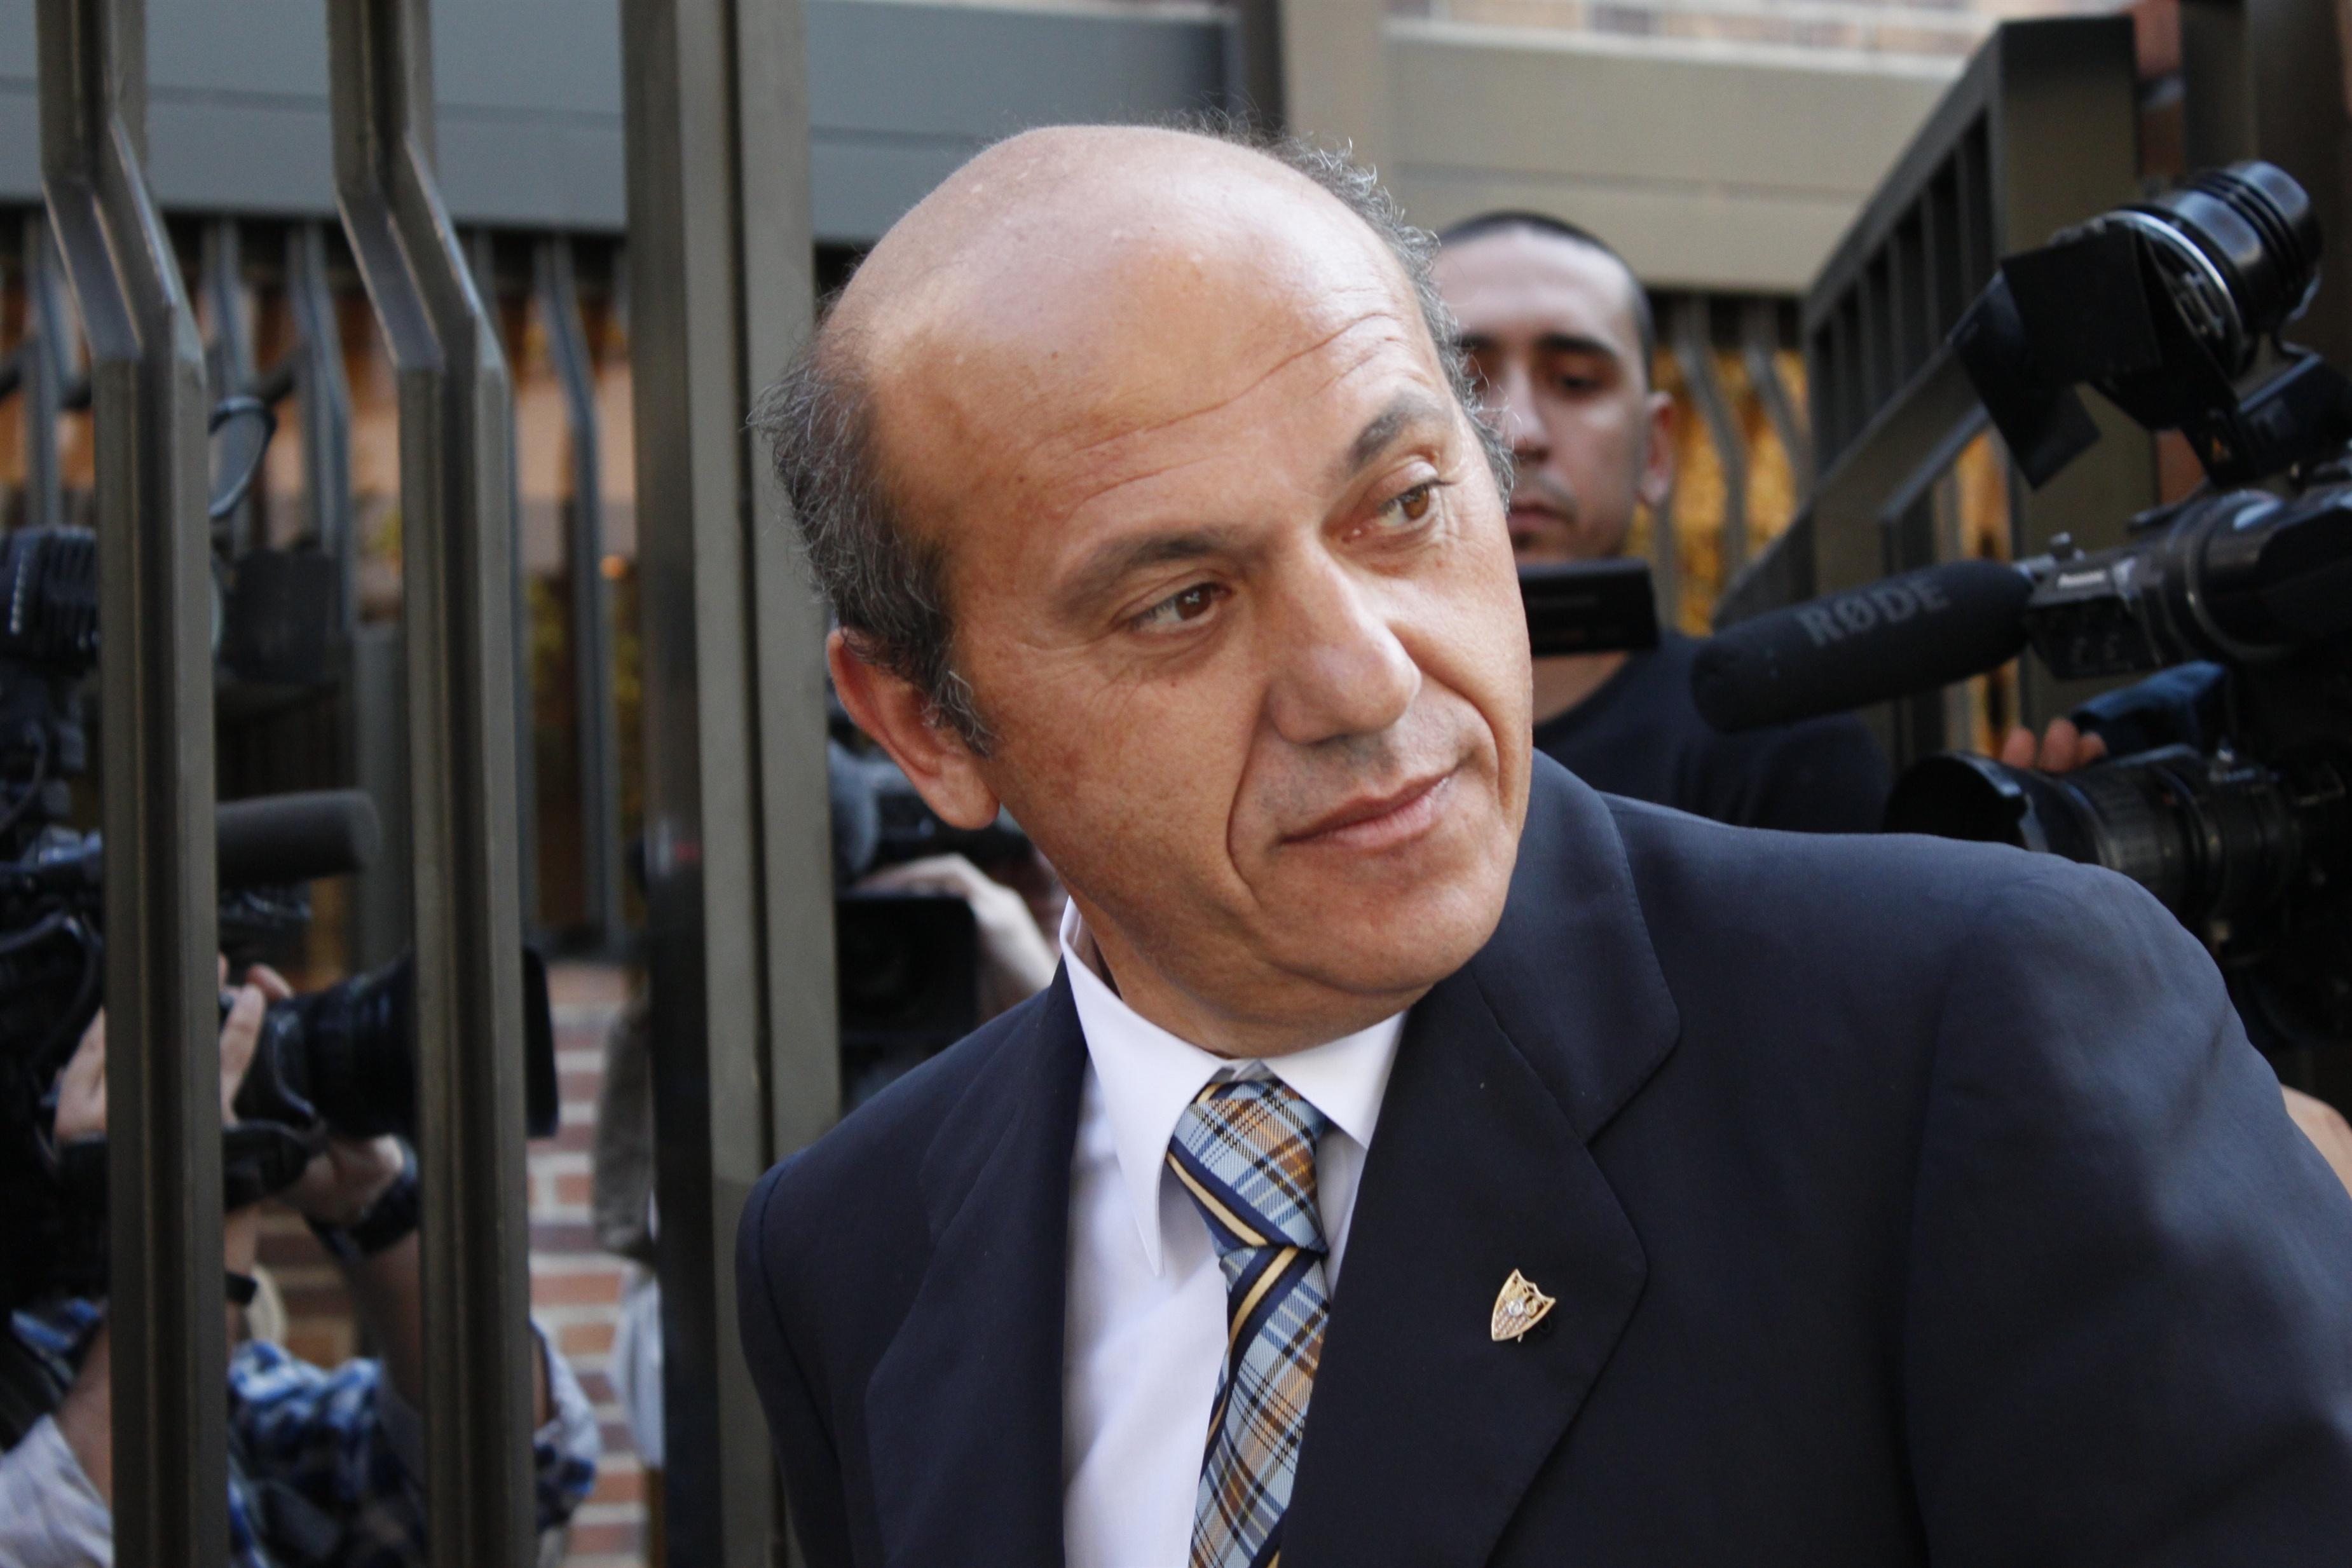 José María del Nido y Julián Muñoz llamados a declarar por el juez